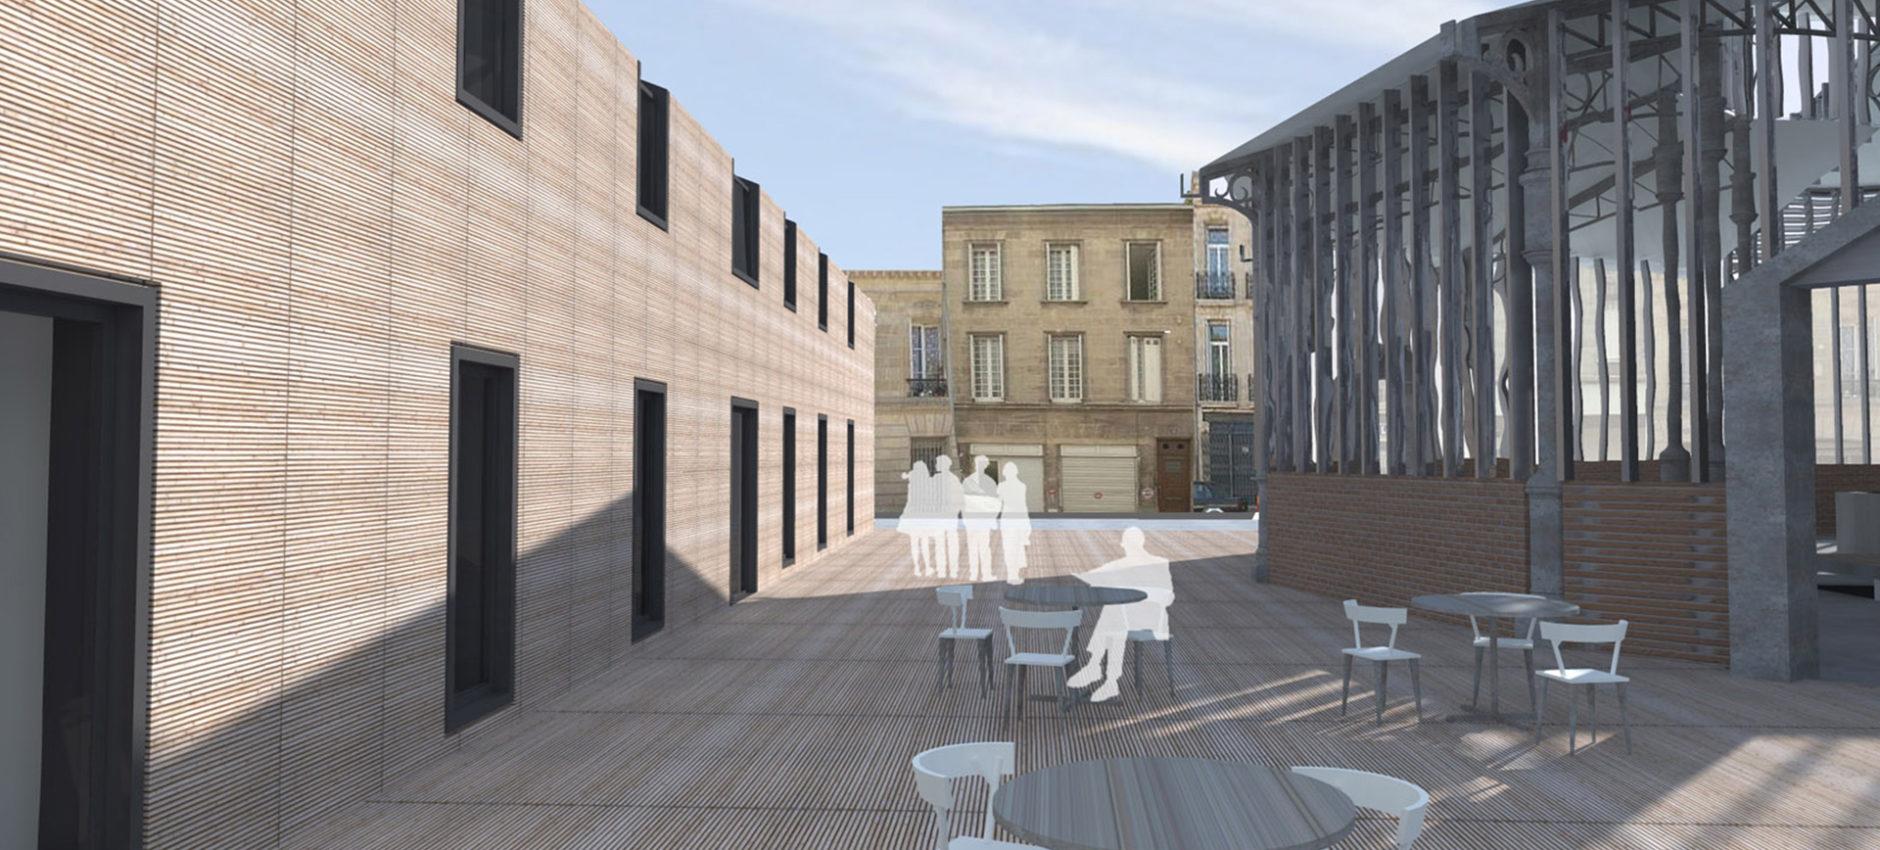 boca_architecture_projet_marche_des_douves_03.jpg